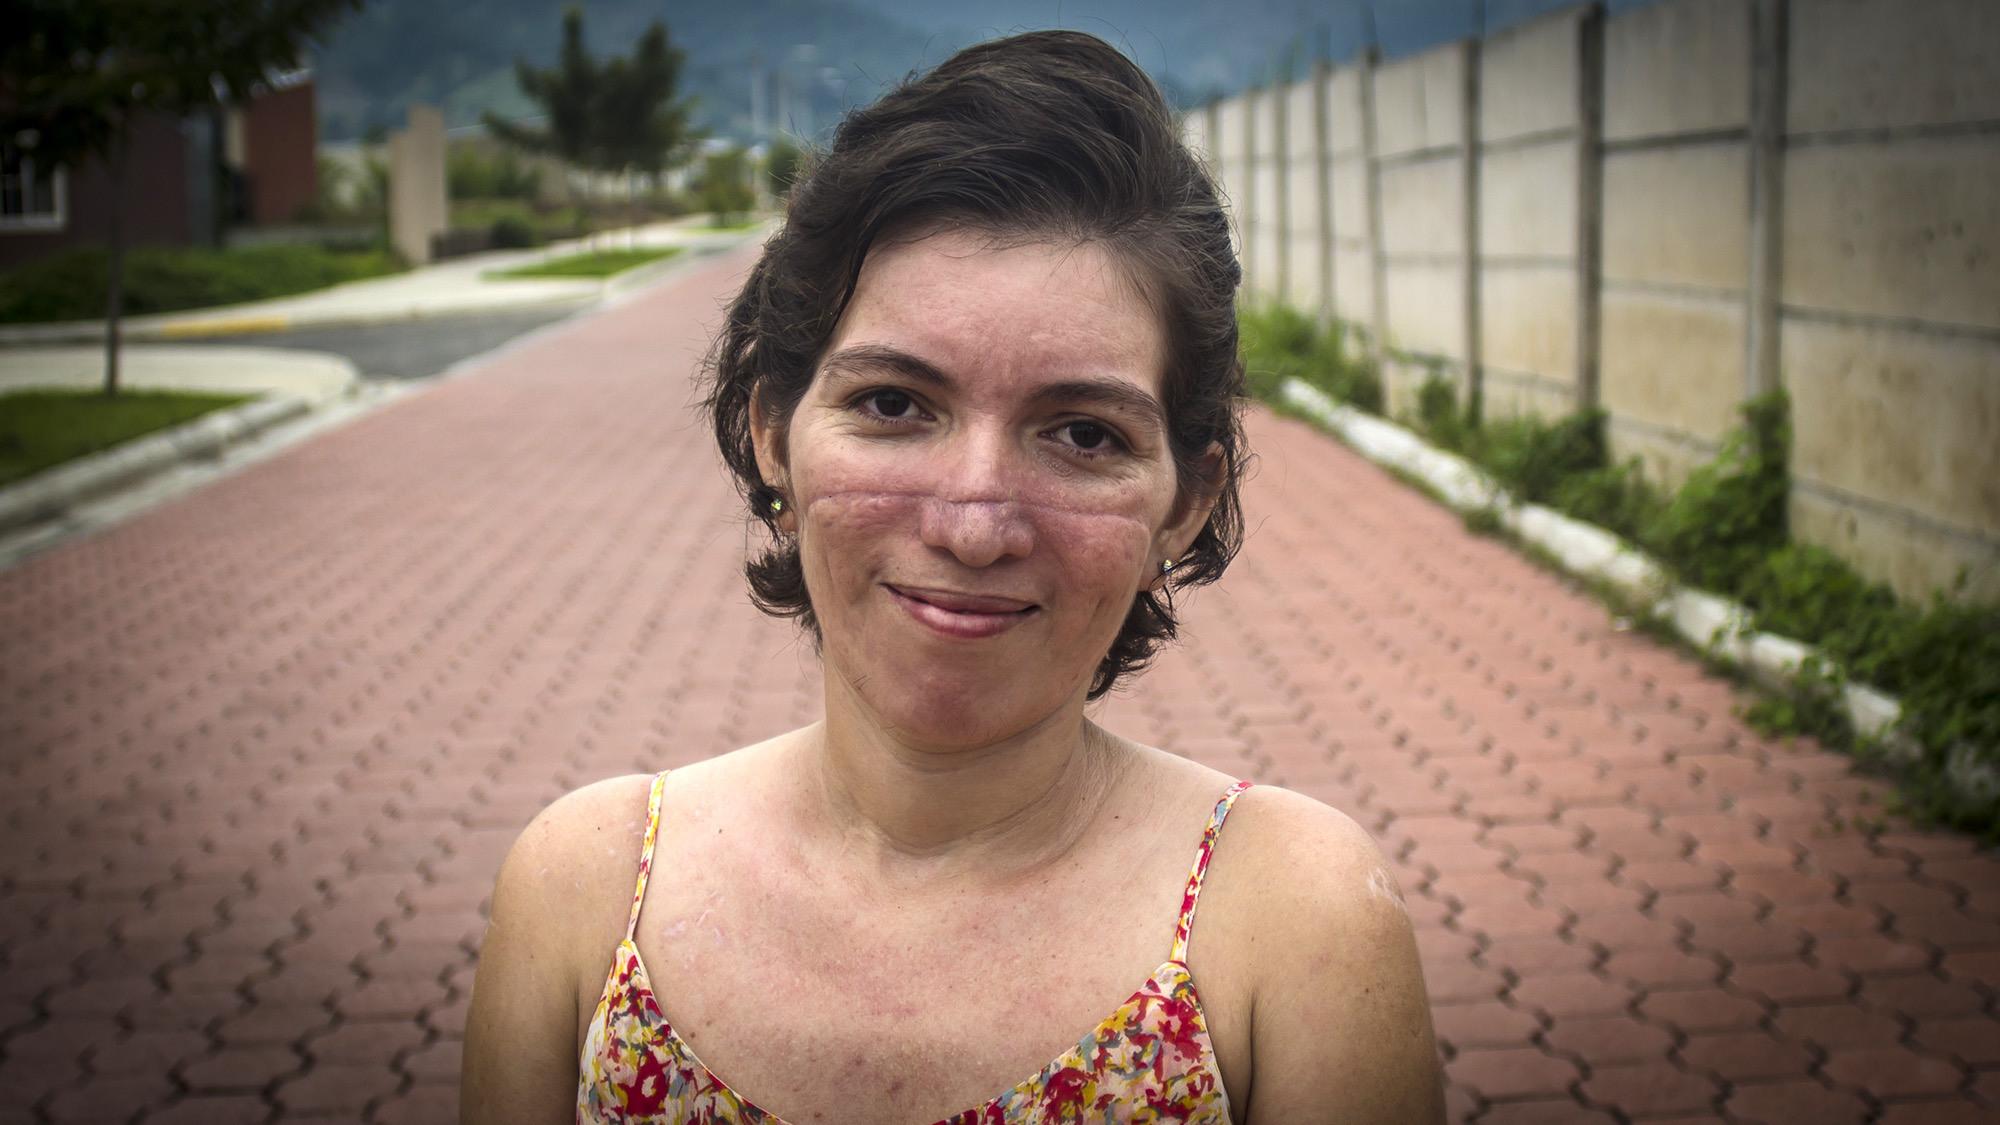 La salvadoreña Yolanda Henríquez, víctima de la violencia extrema en El Salvador, mostró su rostro sonriente en FACTUM, para pedir un alto a la violencia contra la mujer. Su ex marido la machetio en su rostro y todo el cuerpo, cuando ella decidio abandonarlo por repetidos ataques en su contra. Vivio para contarlo. Foto FACTUM/Salvador MELENDEZ